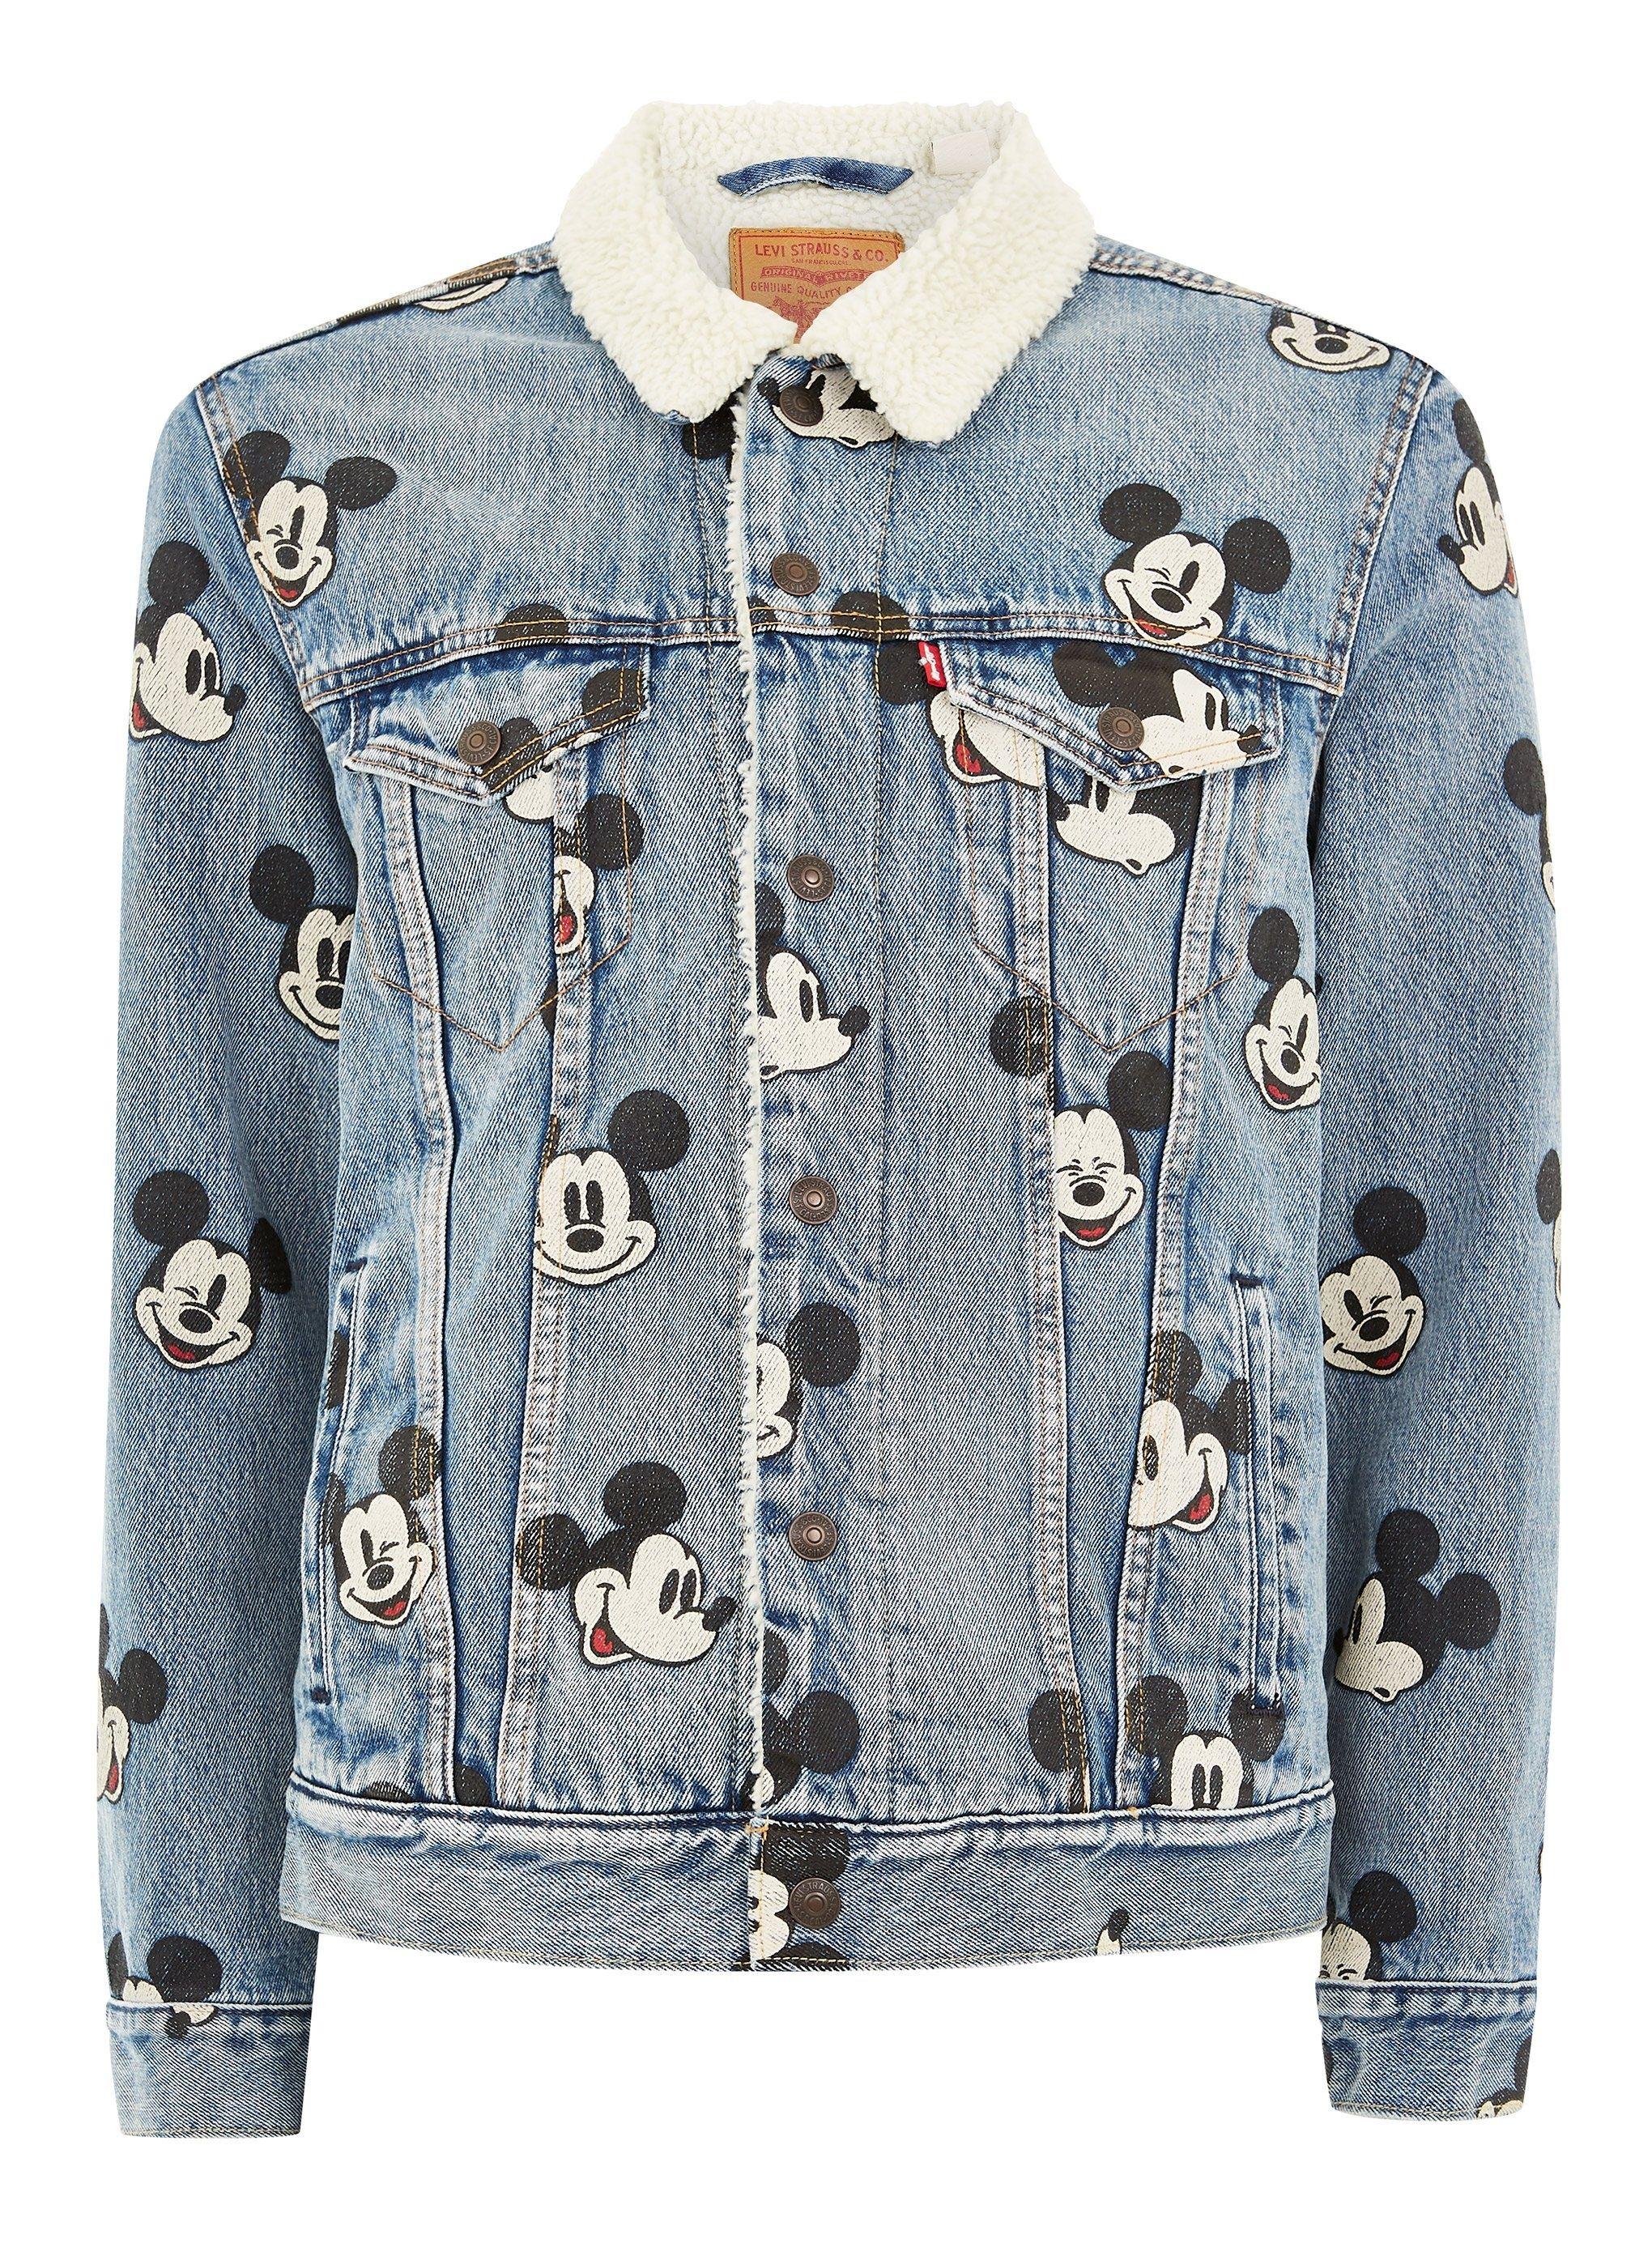 de0fdc98 Herren BLAU LEVI S Blue Mickey Mouse Sherpa Trucker Denim Jacket | #mode  #herrenmode